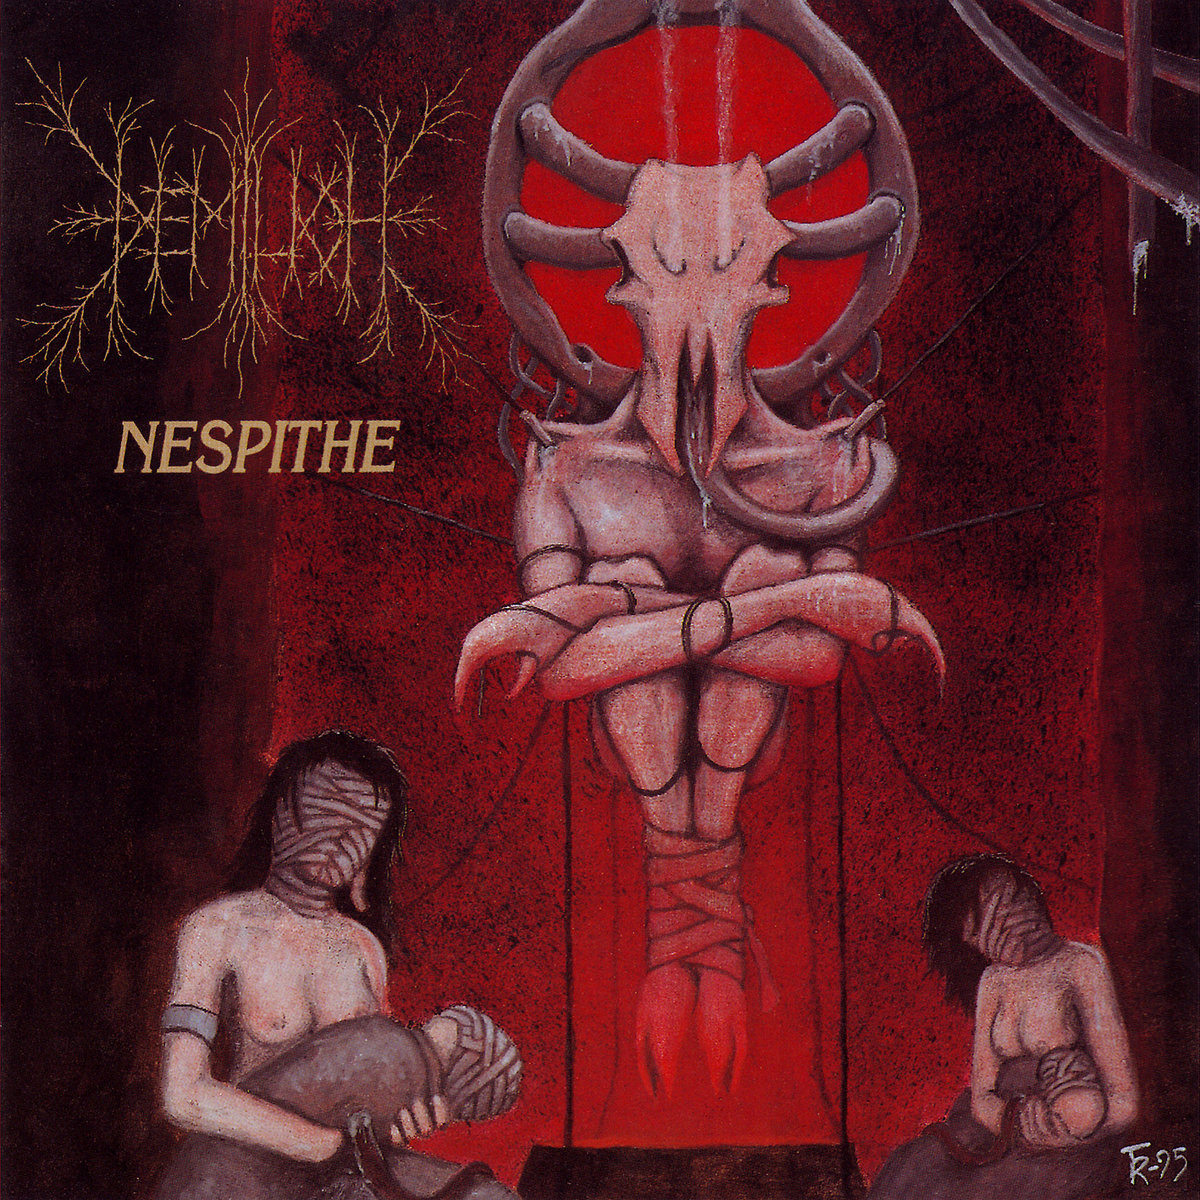 Demilich - Nespithe (Remastered 2009)